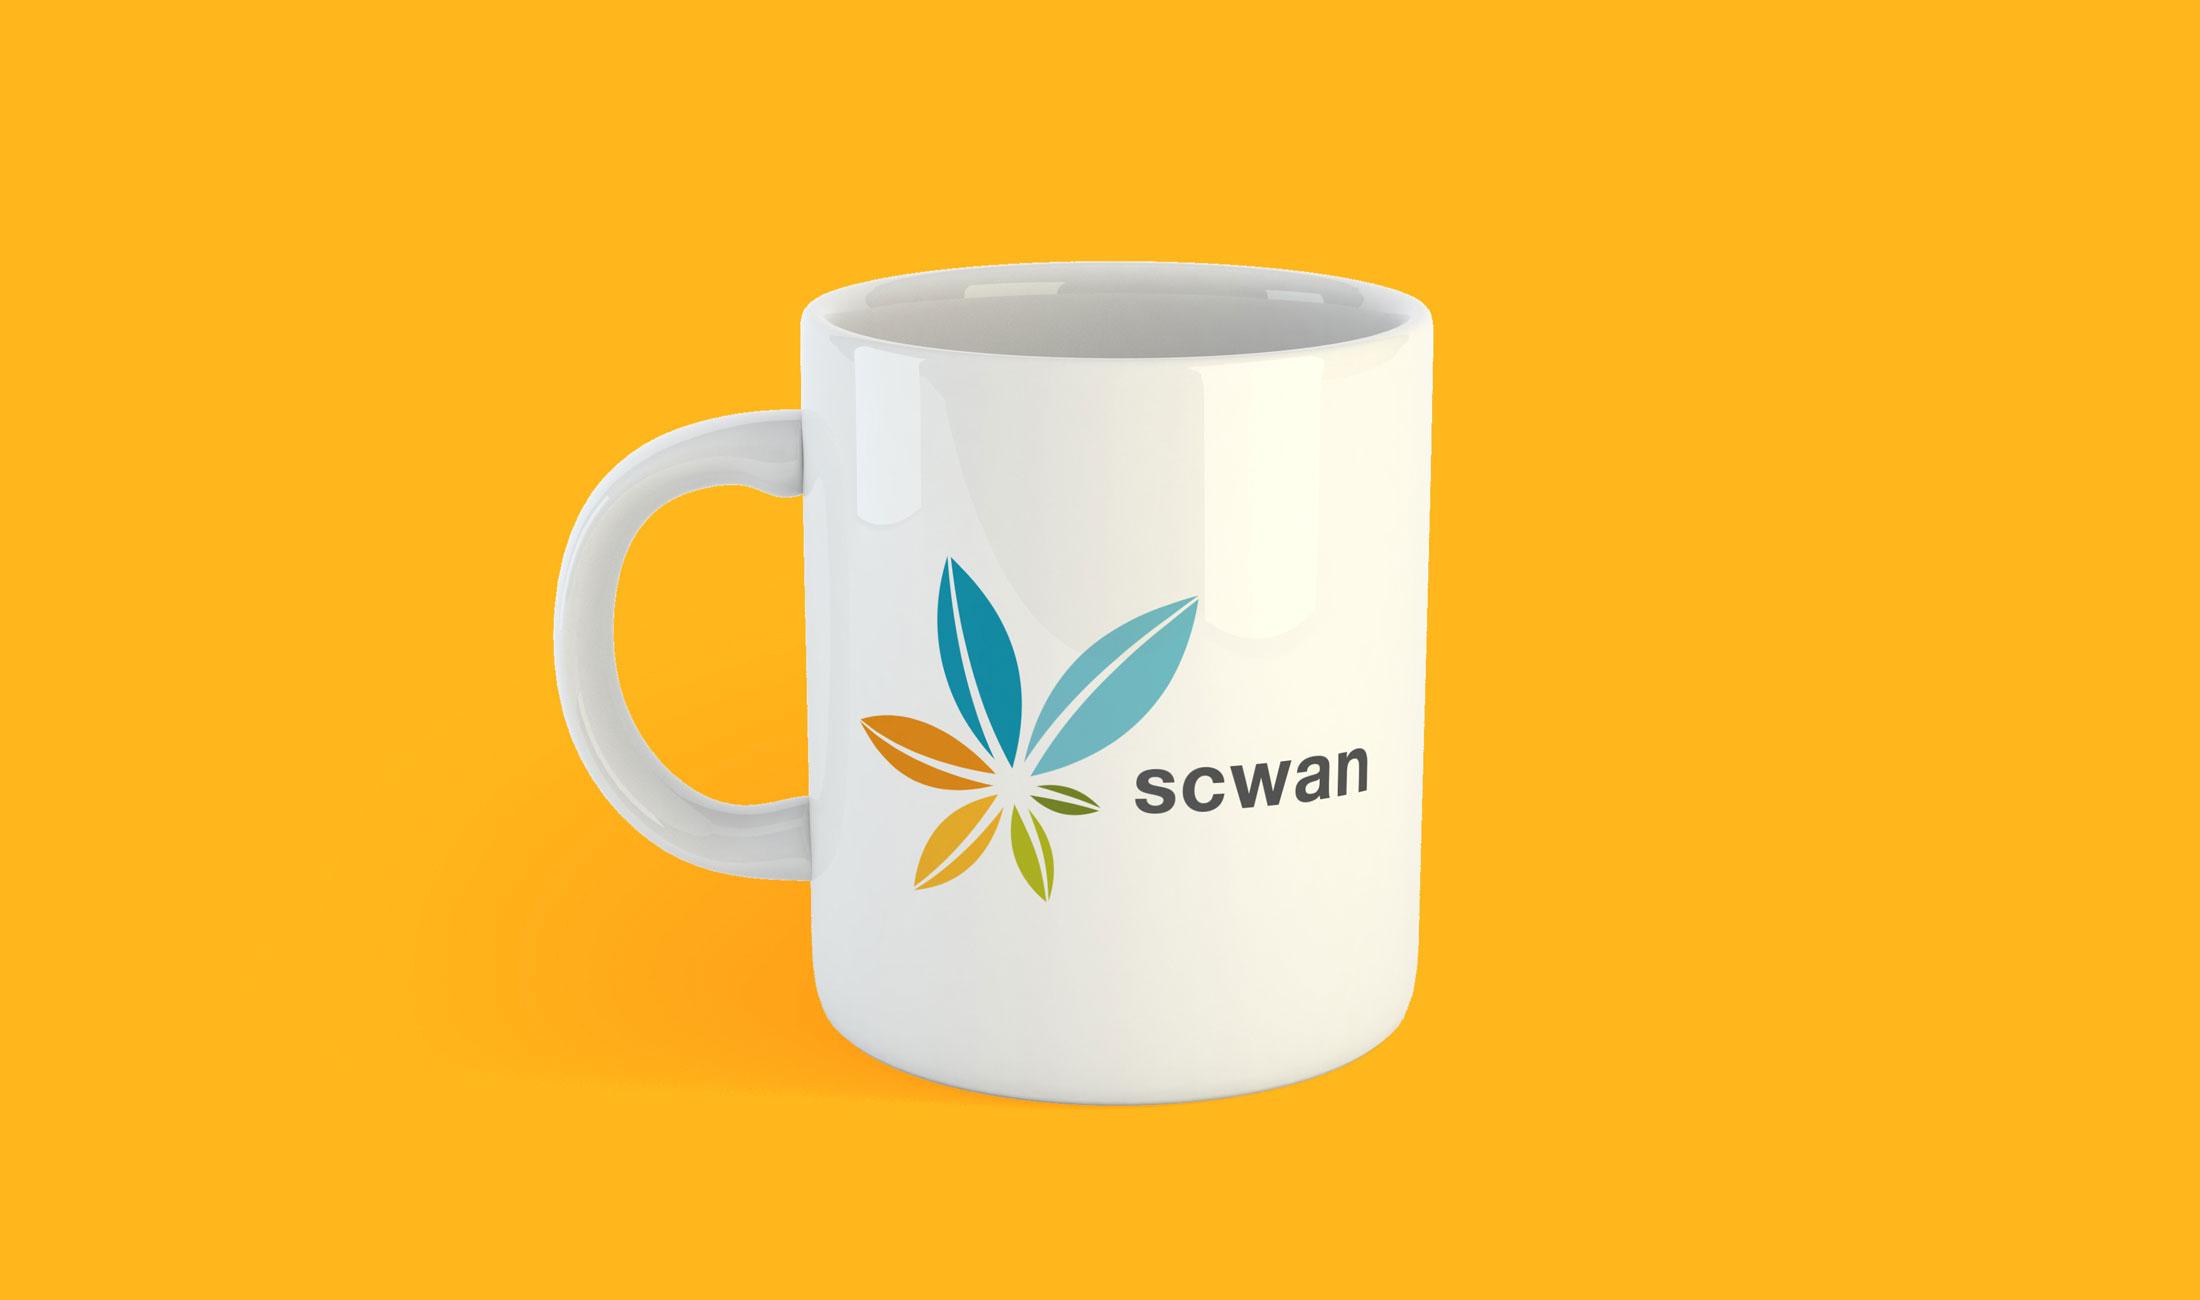 scwan logo on a coffee mug